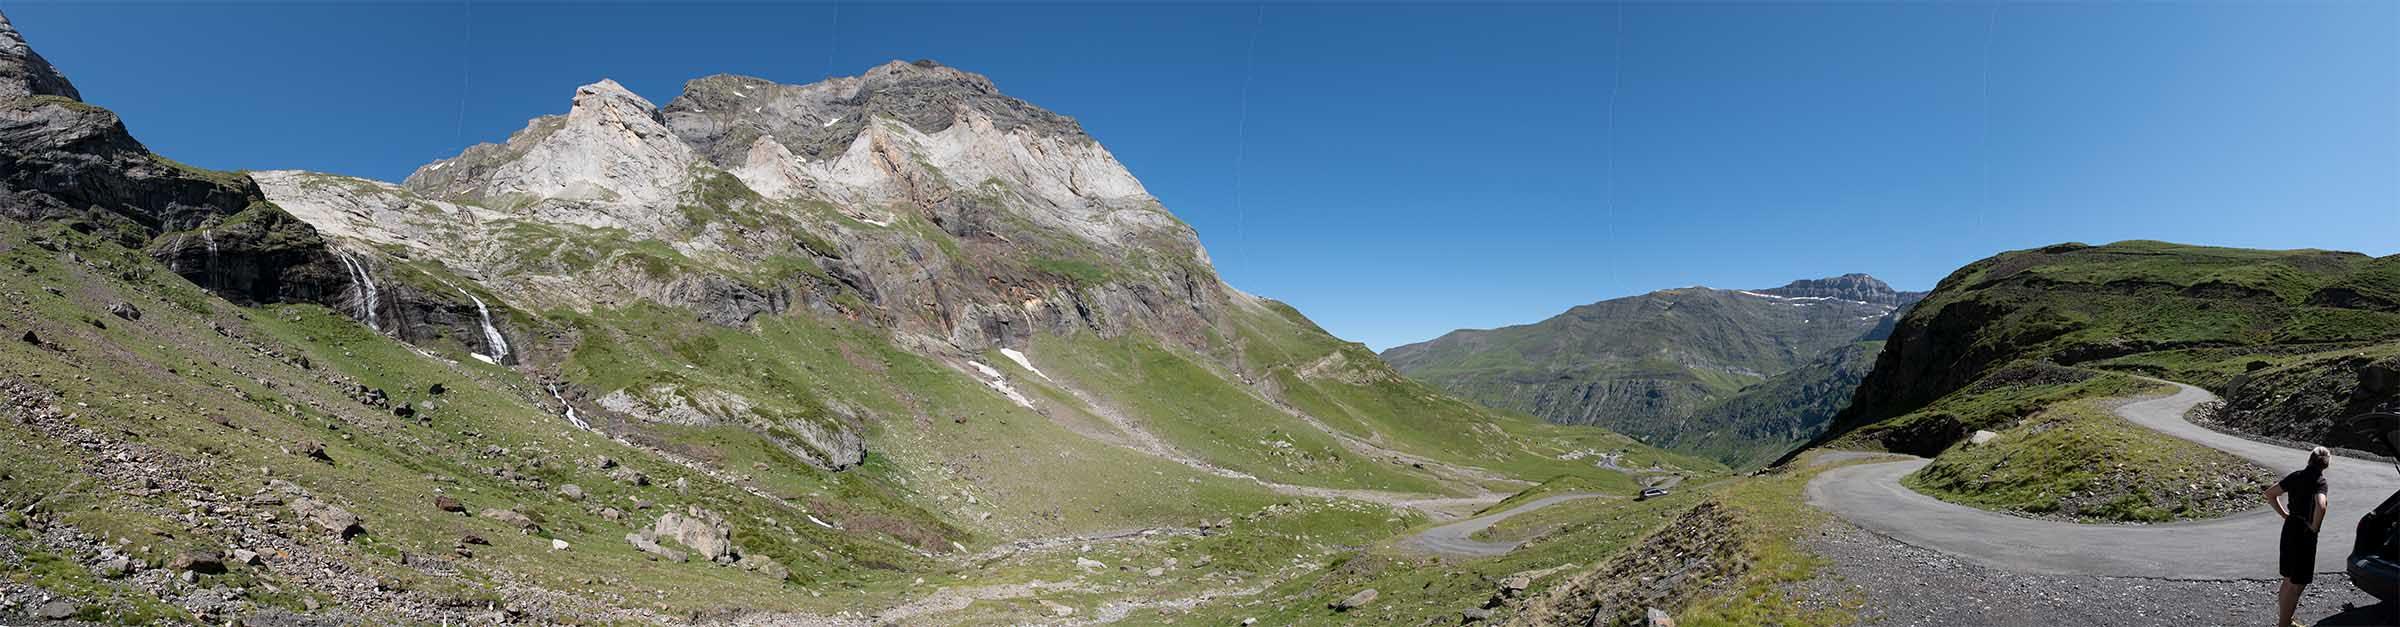 Anfahrt zum cirque de troumouse Berge